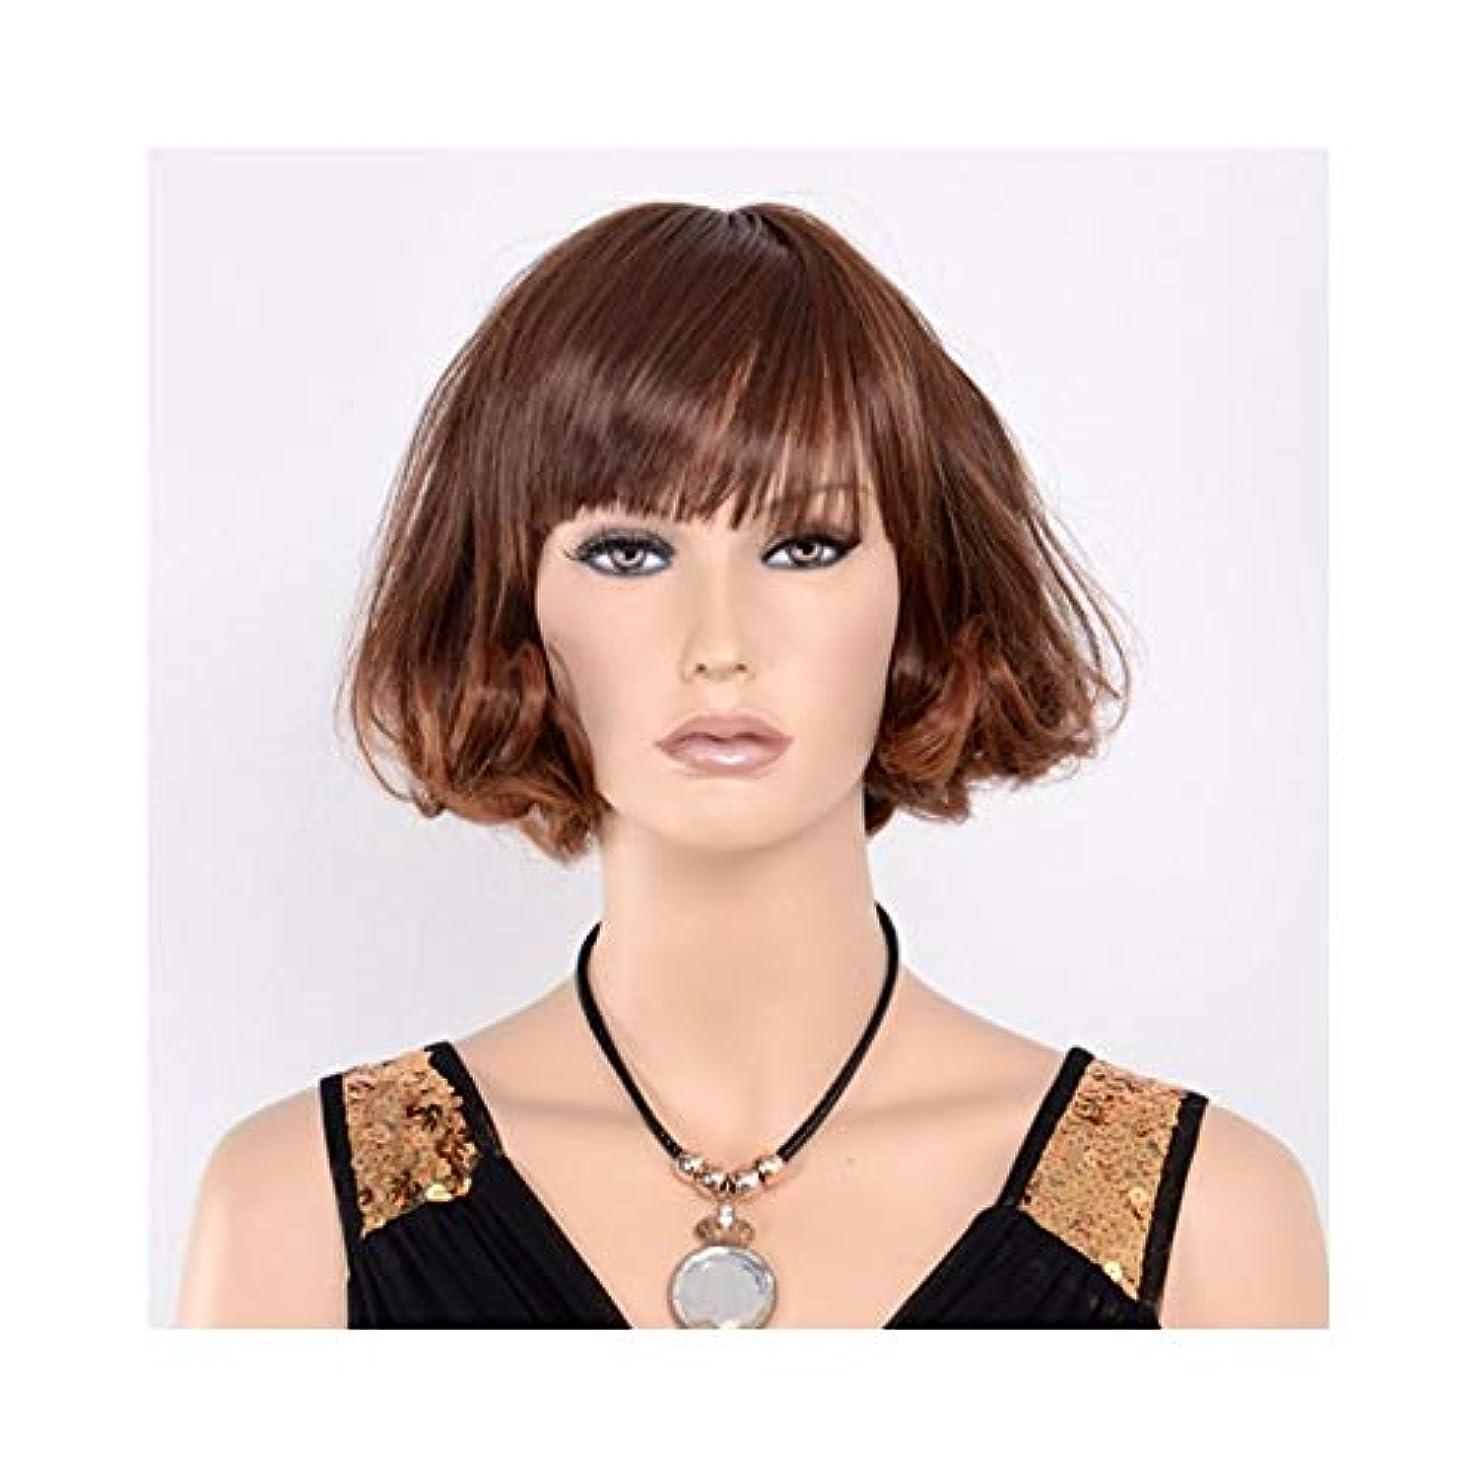 有益なバイオリンセーブYOUQIU 女性のブラウンボブウィッグ自然な耐熱合成ファッションかつらウィッグキャップウィッグ用ショートカーリーウィッグ (色 : ブラウン)